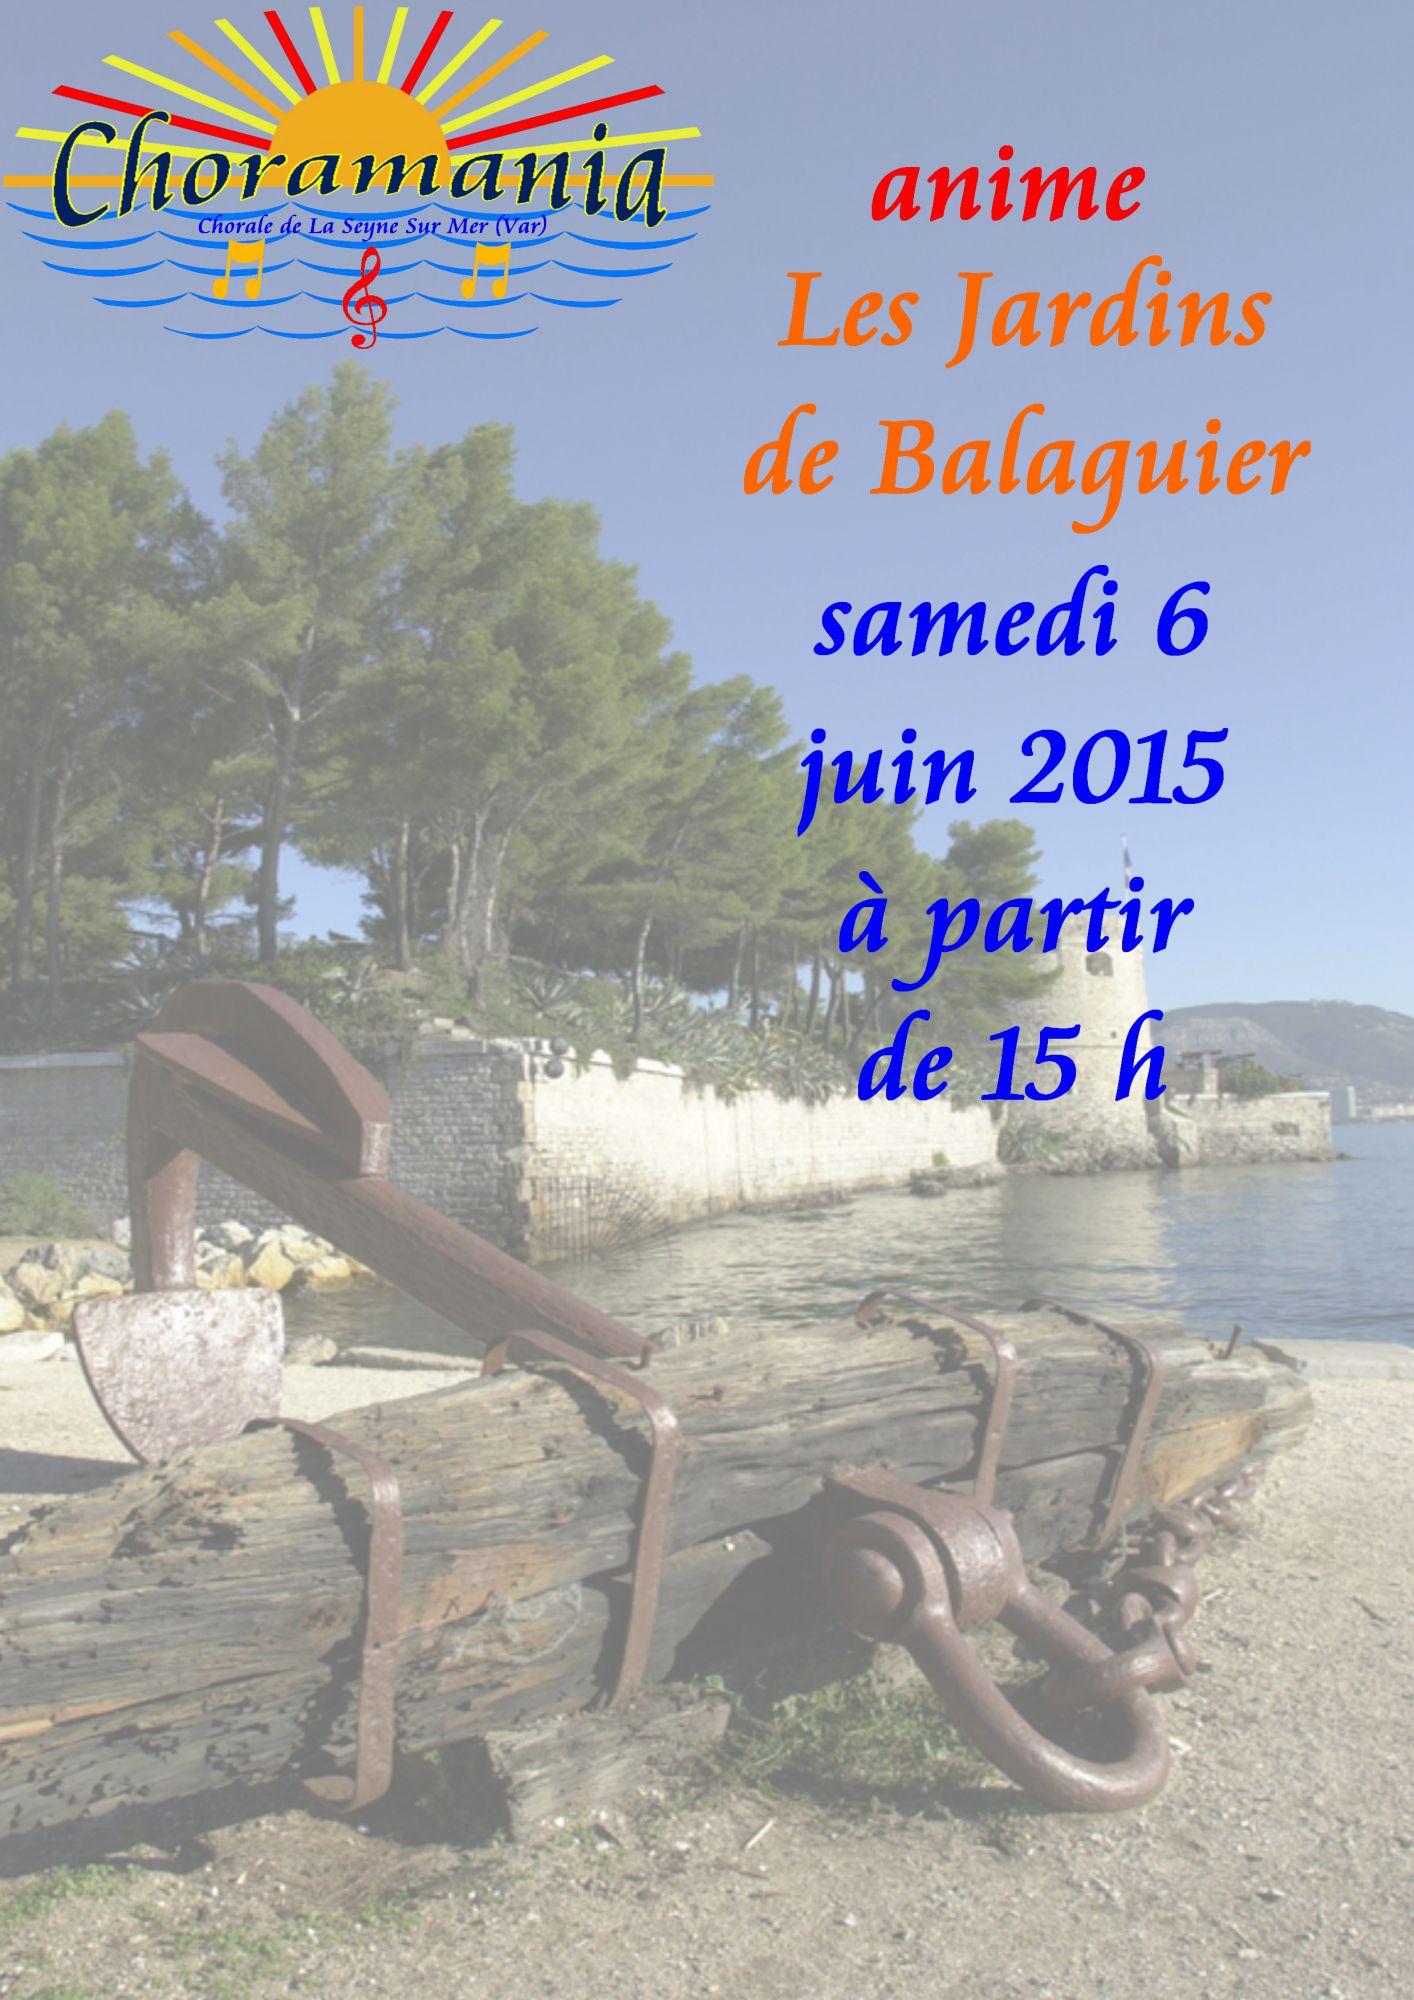 20150606 Affiche du Concert du 6 juin 2015